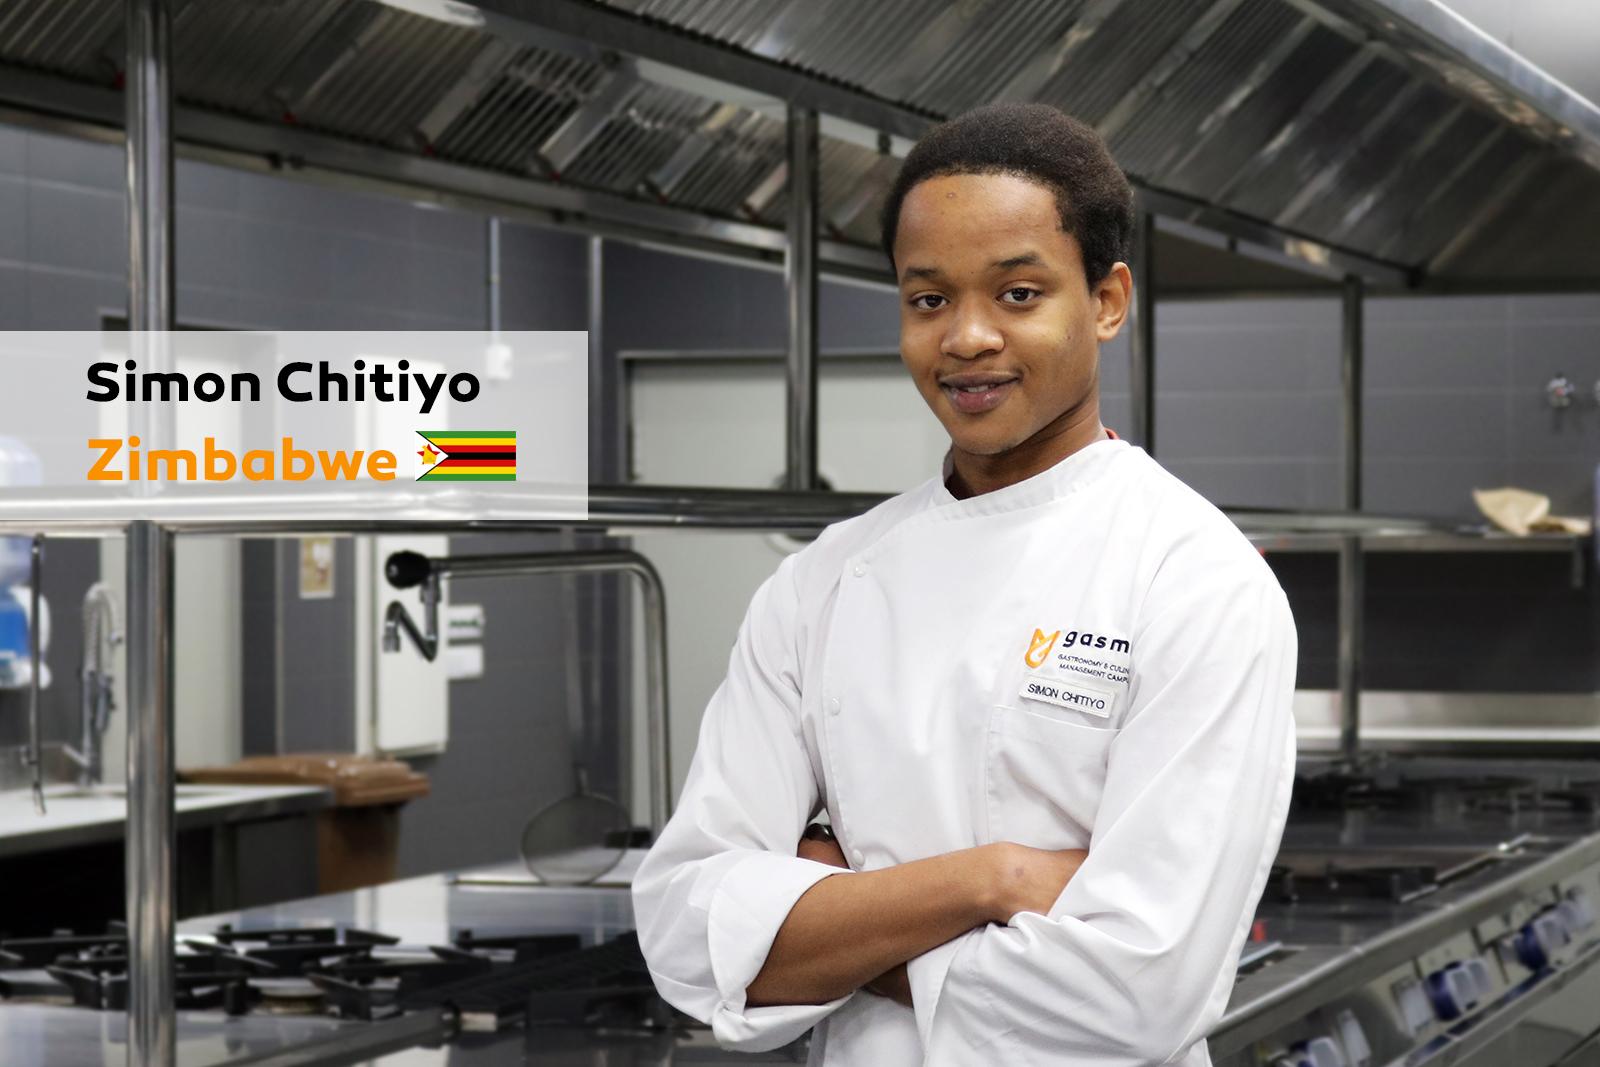 Simon Chitiyo